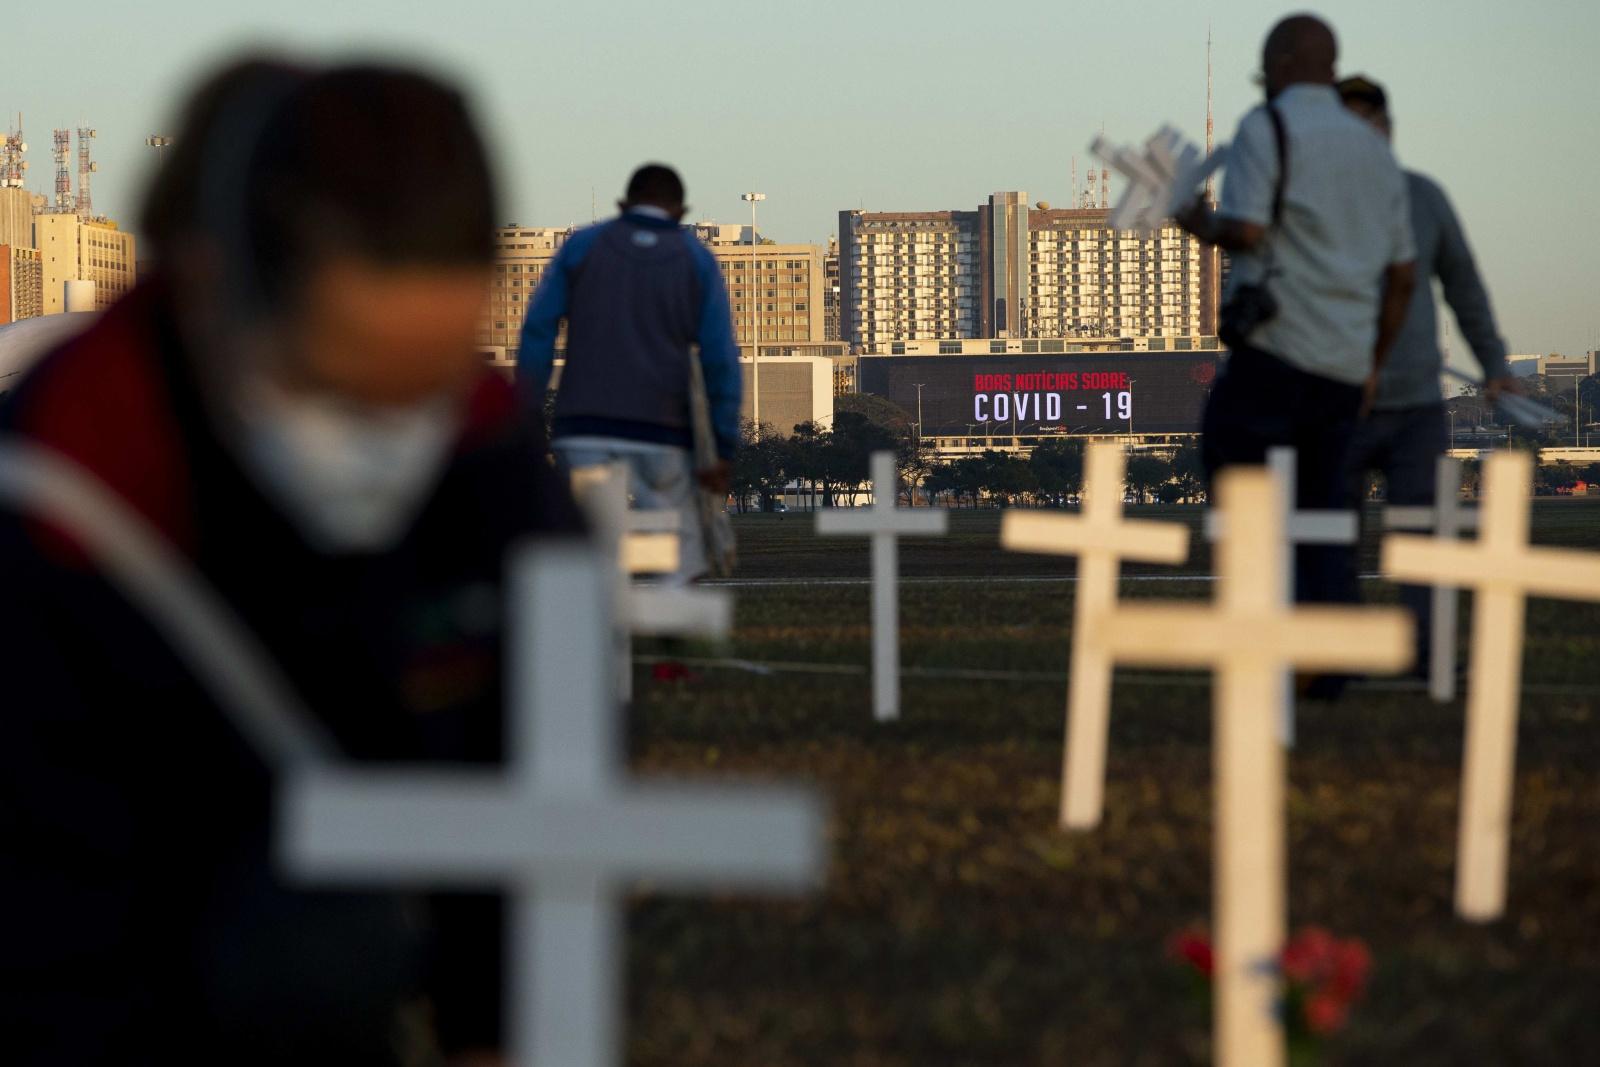 Visão | Covid-19: Mil cruzes em frente ao Congresso recordam a ...